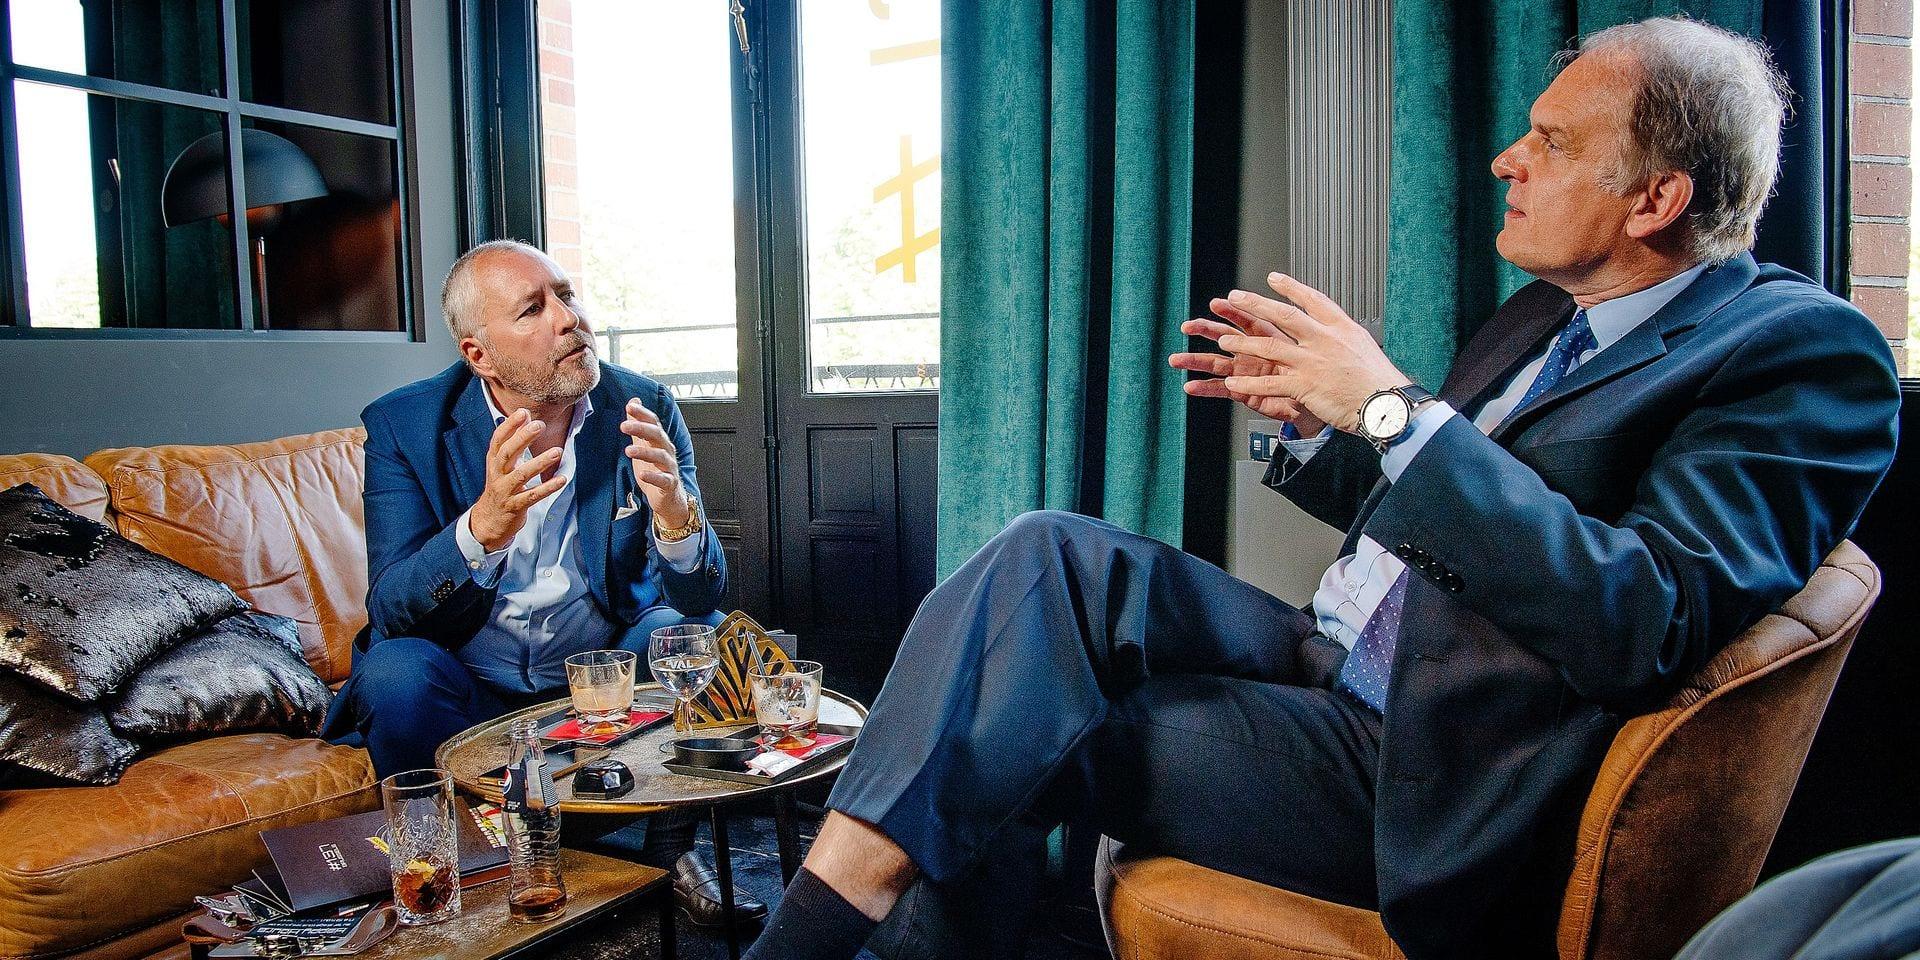 Bruxelles - Etterbeek: Restaurant - Le Jardin de Nicolas: Rencontre entre Alain Destexhe (Liste Destexhe) et Mischaël Modrikamen (PP) - Alain Destexhe metrra fin a l'interview